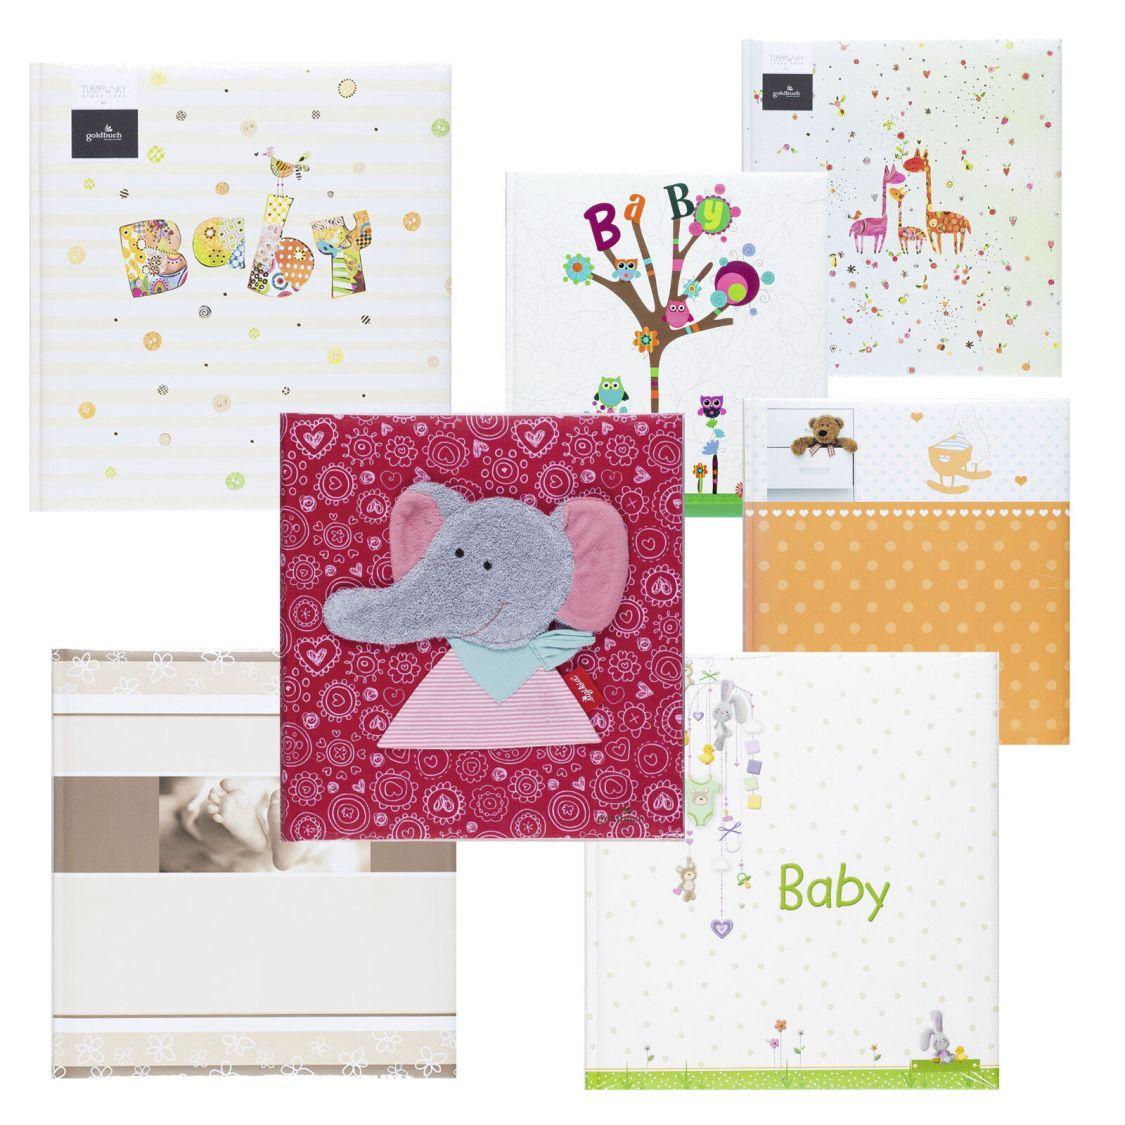 Fotoalbum Babyalbum Fotobuch neutral Mädchen Junge Babytagebuch Goldbuch